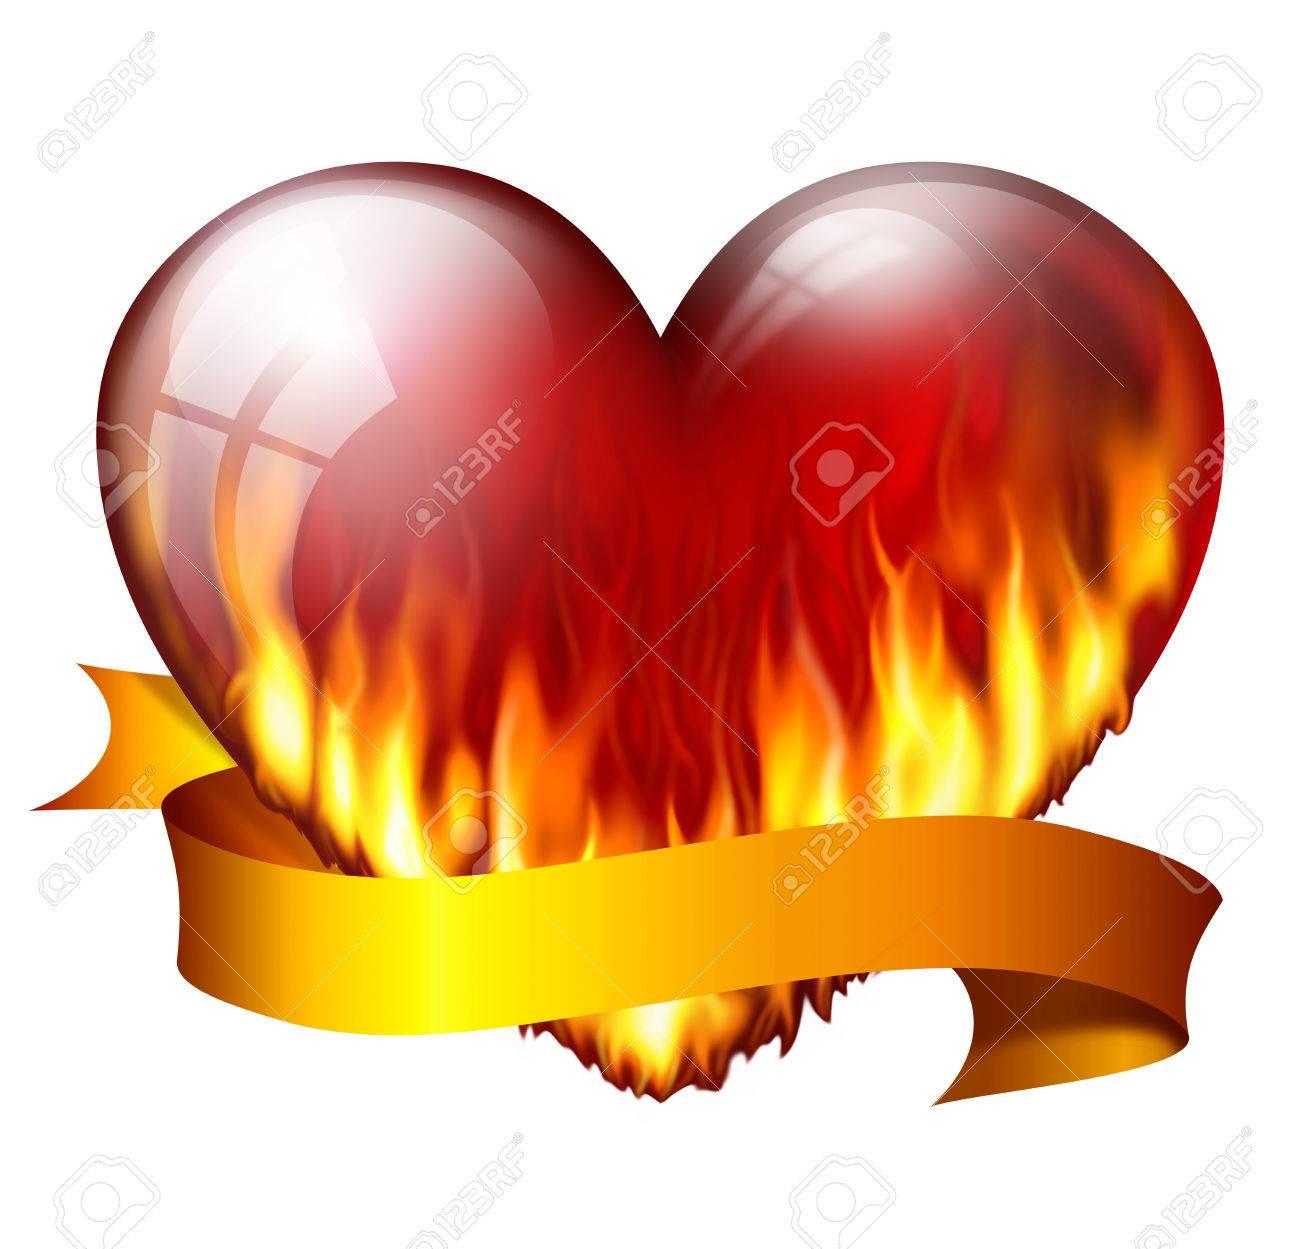 Gran Corazón Rojo En El Fuego, Con El Marco, Aislado En Fondo Blanco ...